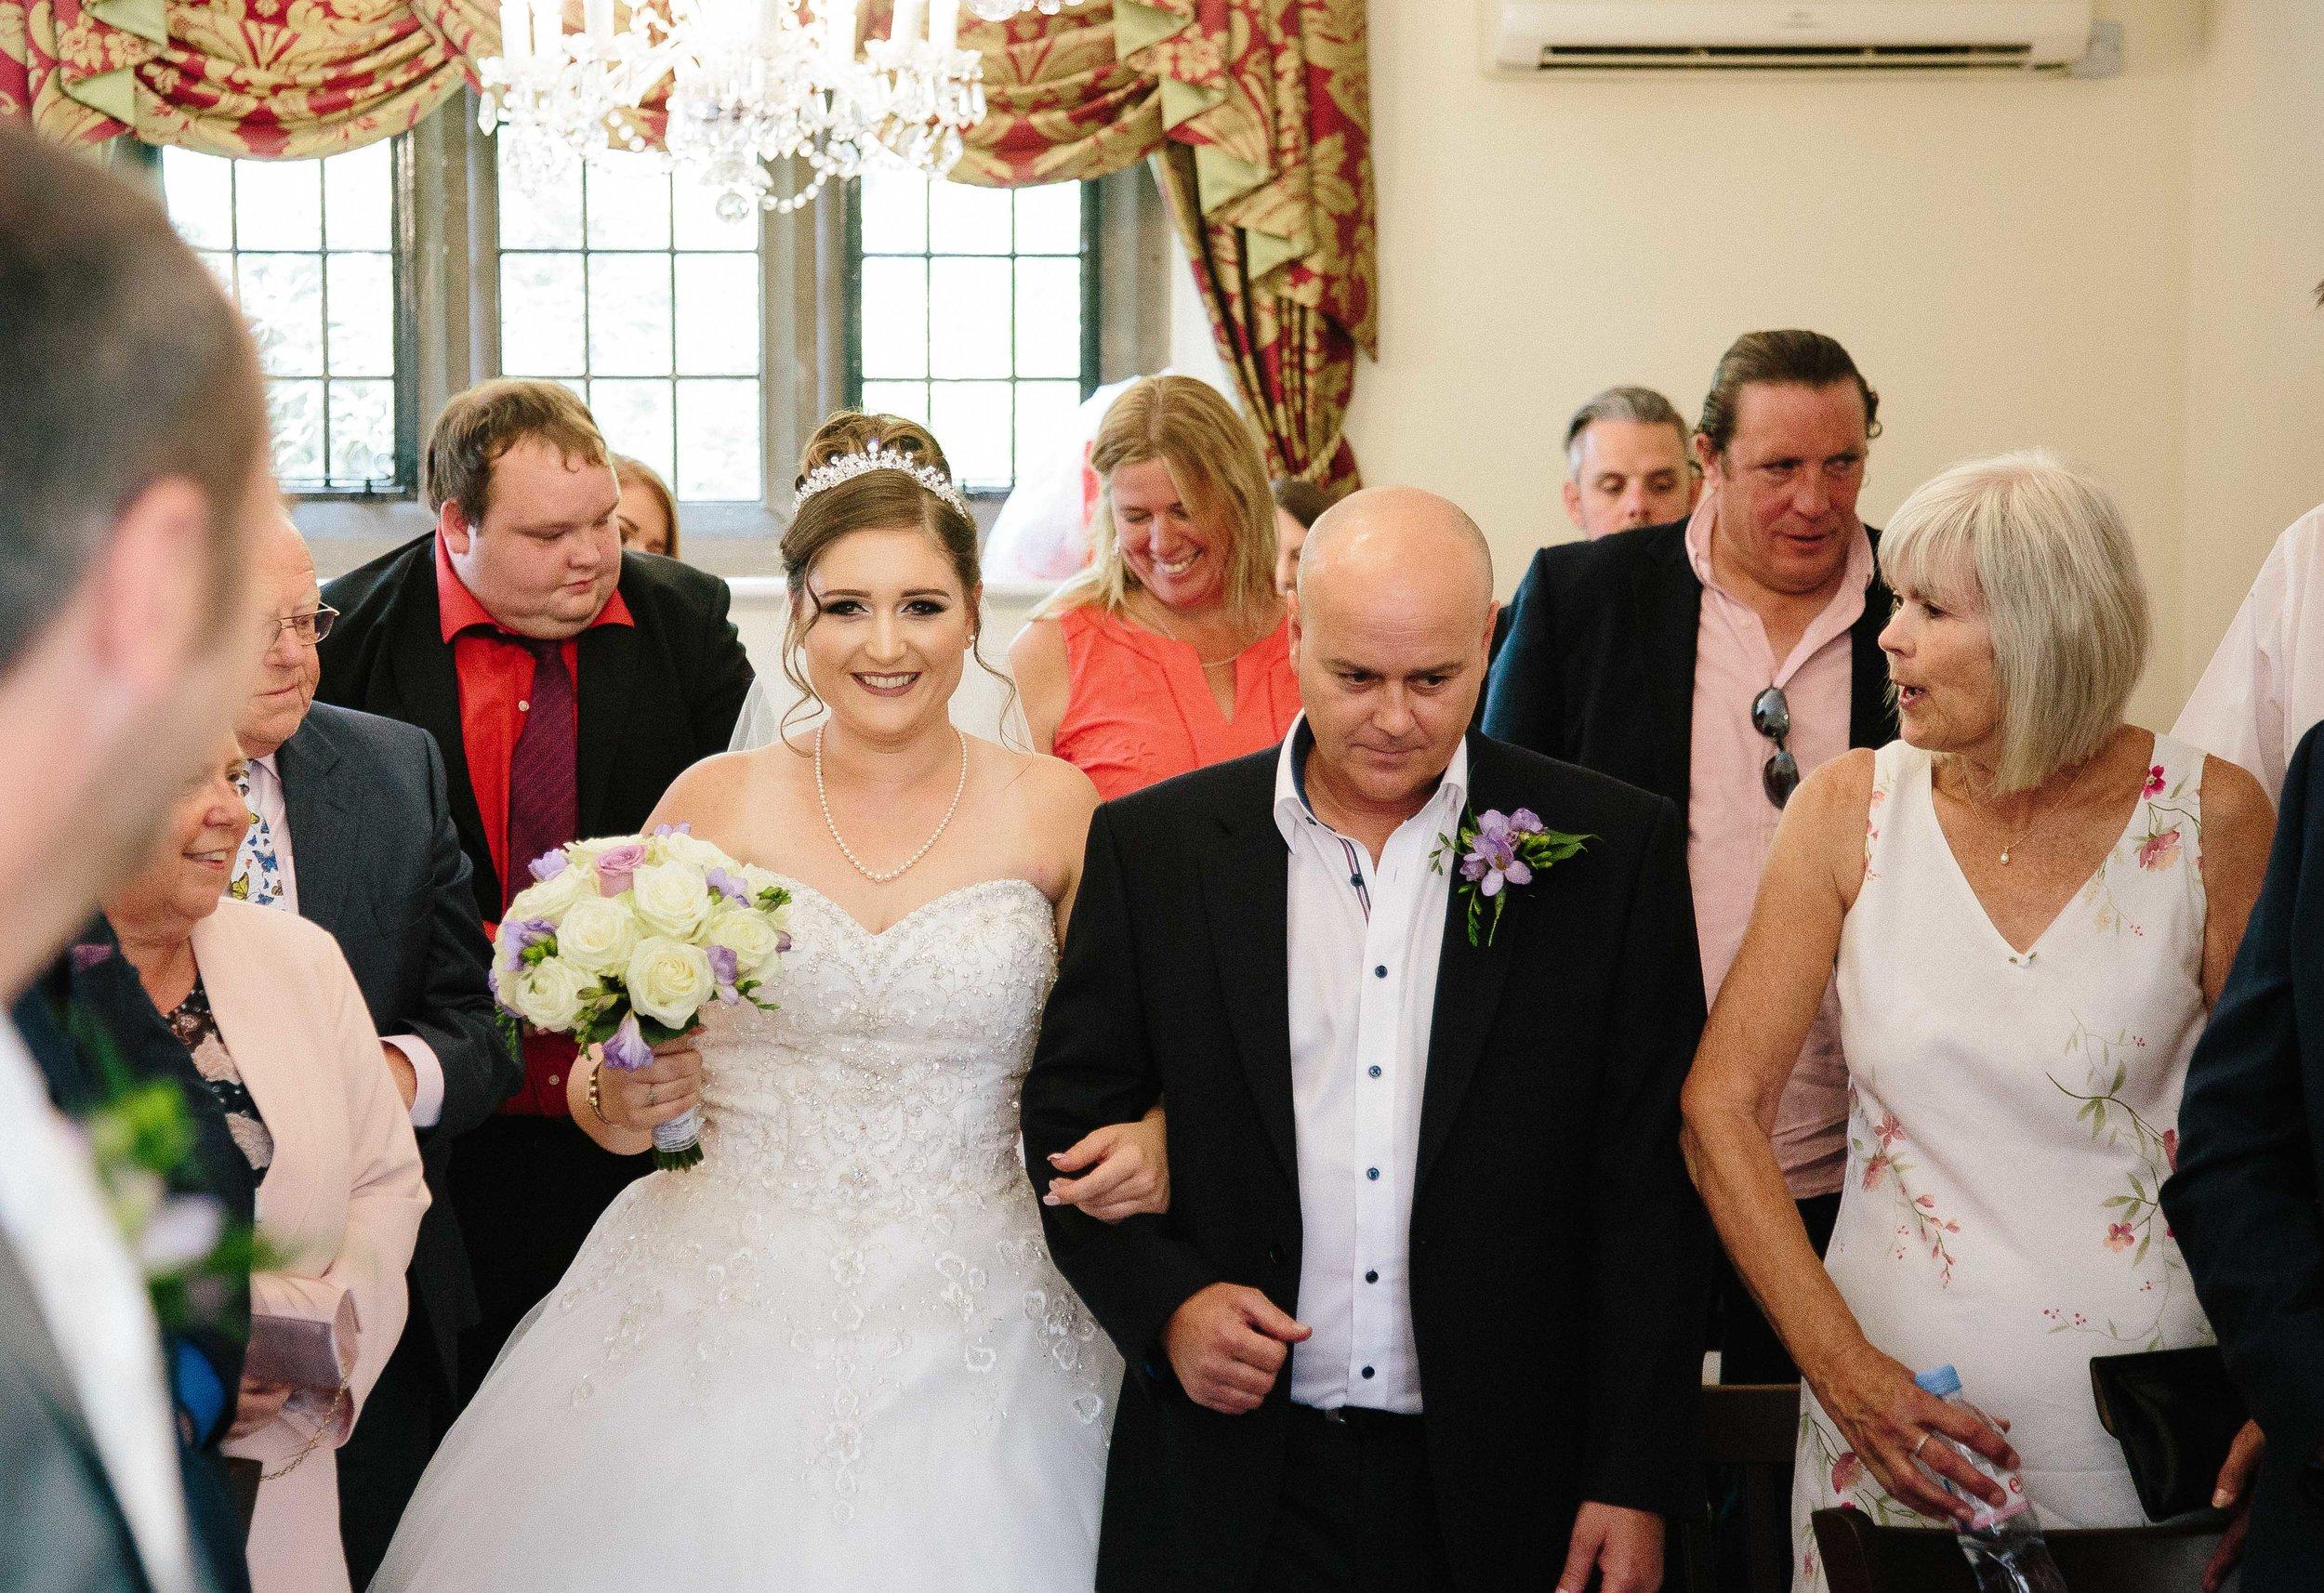 HamptonCourt-Wedding-Weybridge-Surrey-London-OatlandsParkHotel-26